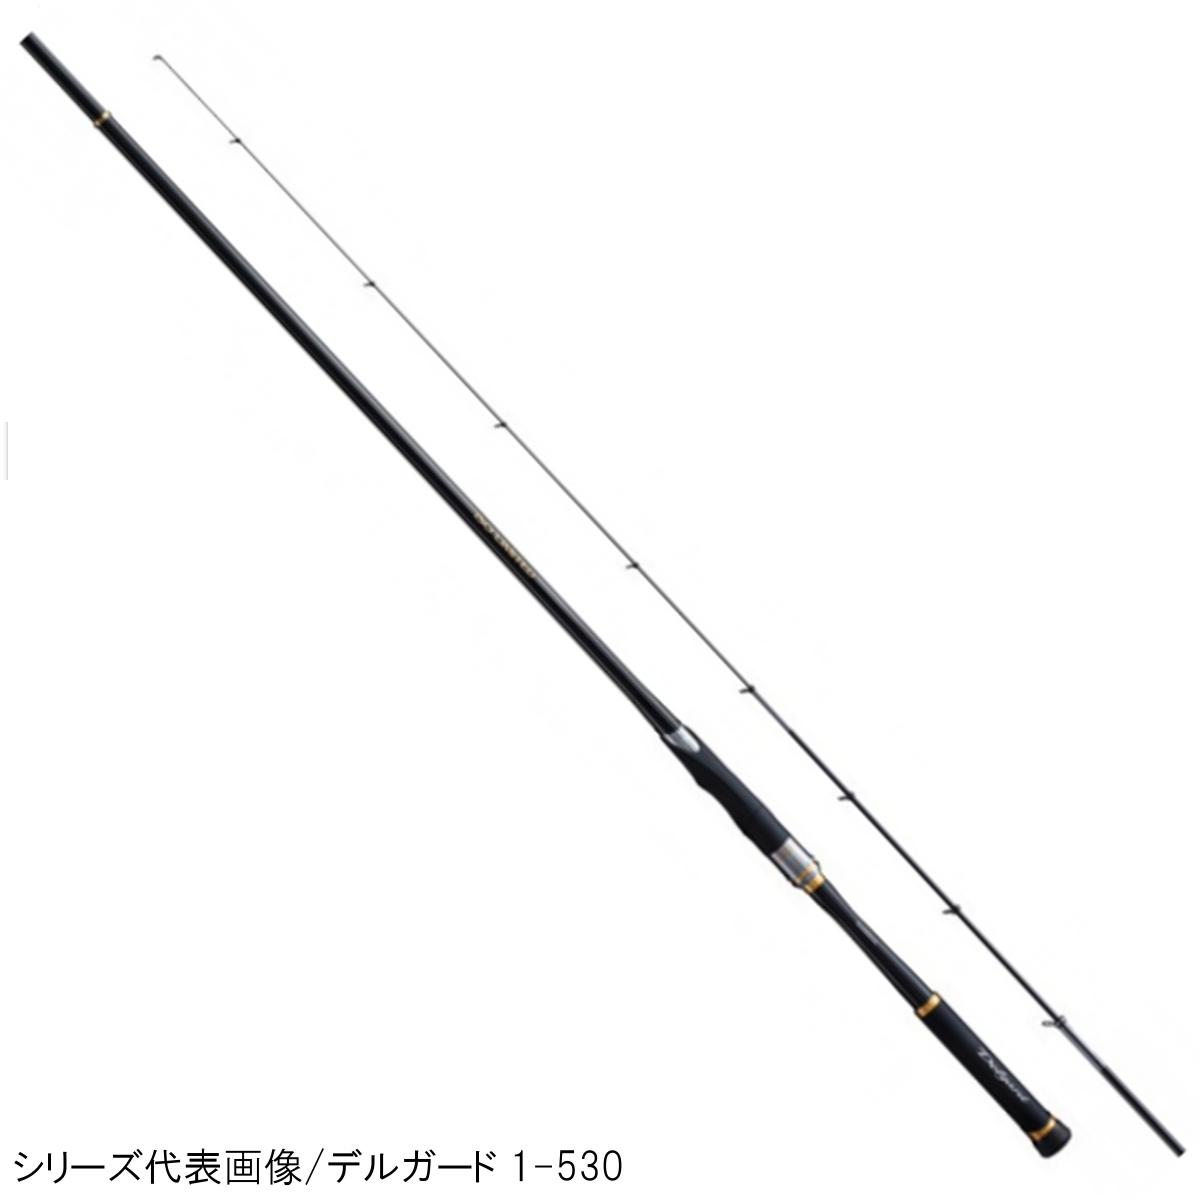 イソリミテッド エアロフォース 08-530 シマノ【同梱不可】